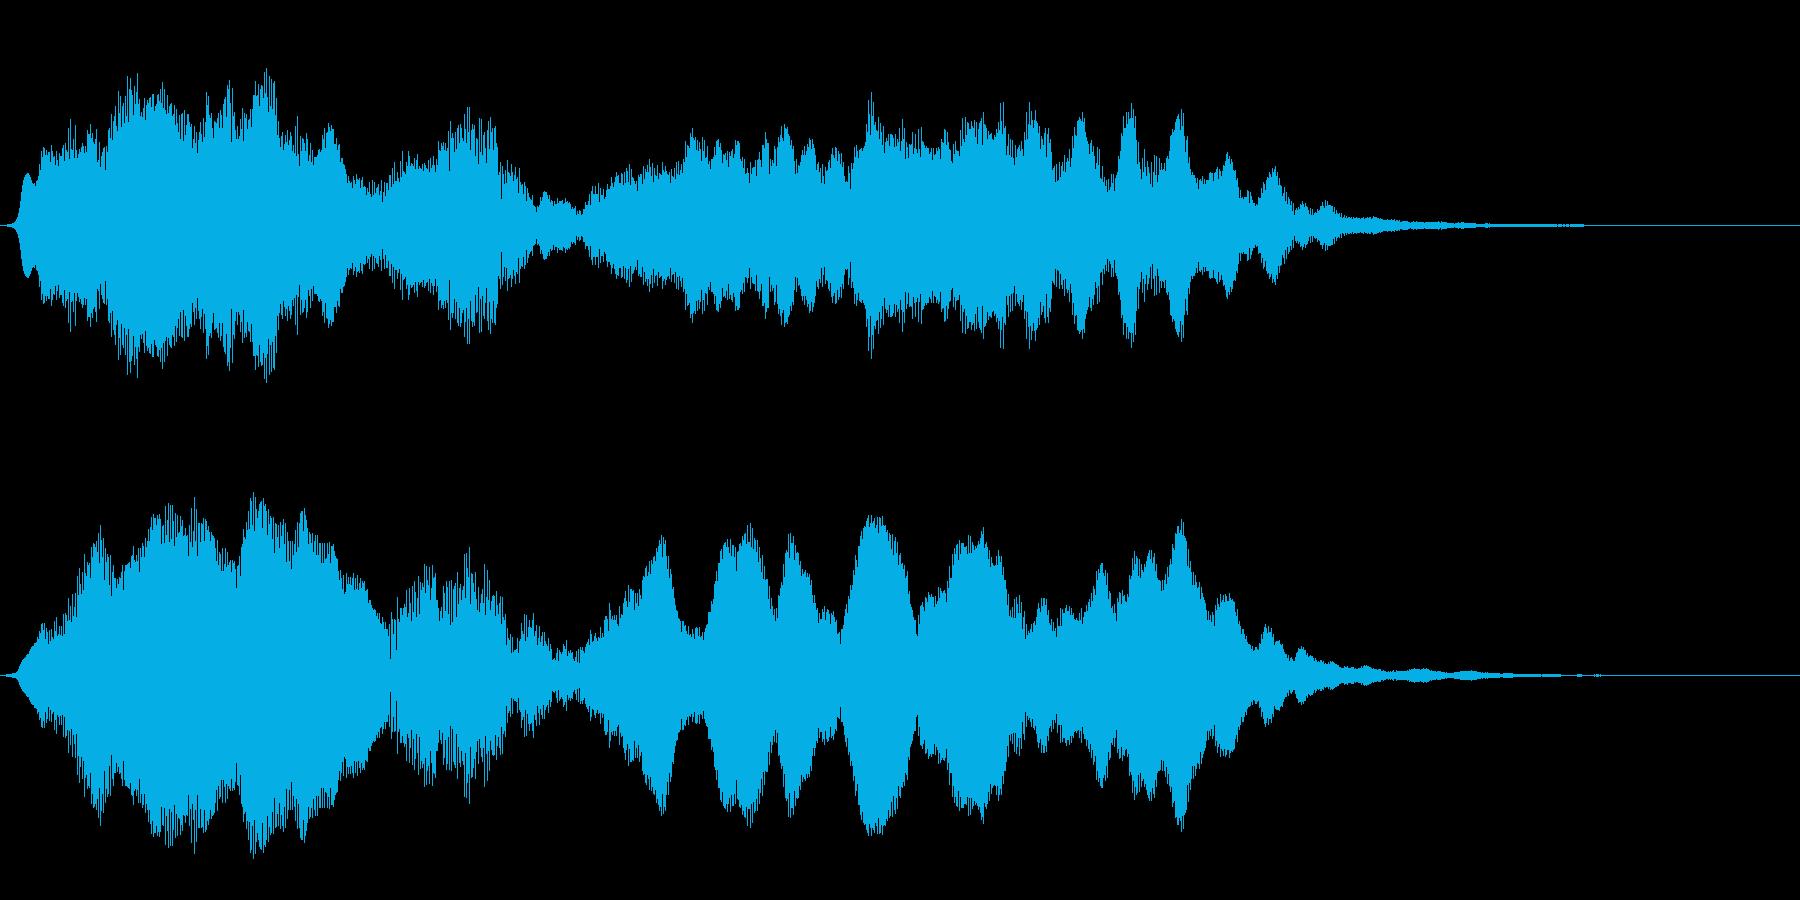 フルートの明るいジングル・場面転換3の再生済みの波形